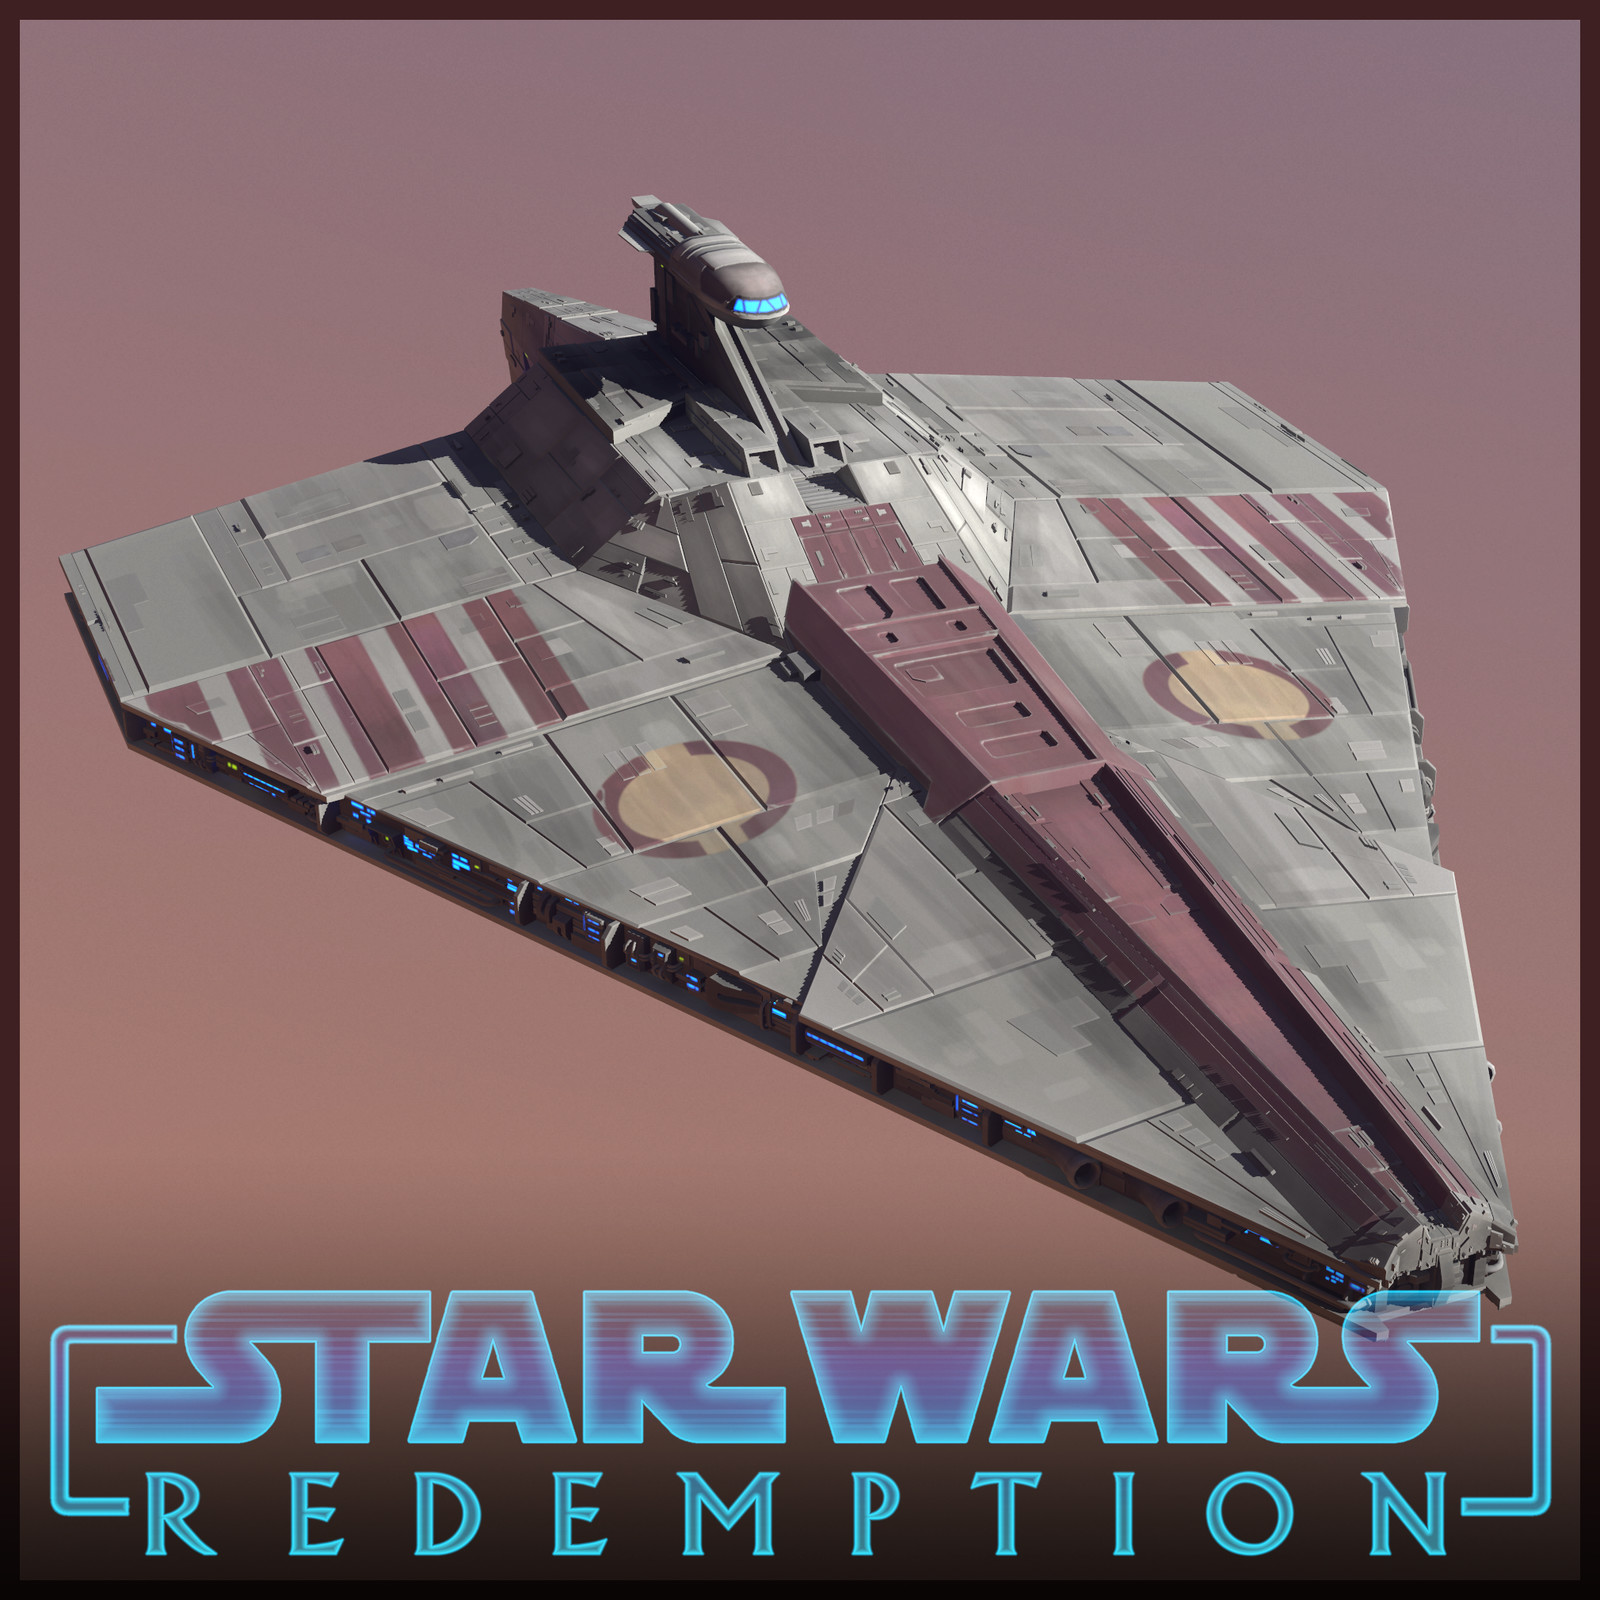 Star Wars - Redemption | Stardestoyer Class Acclamator